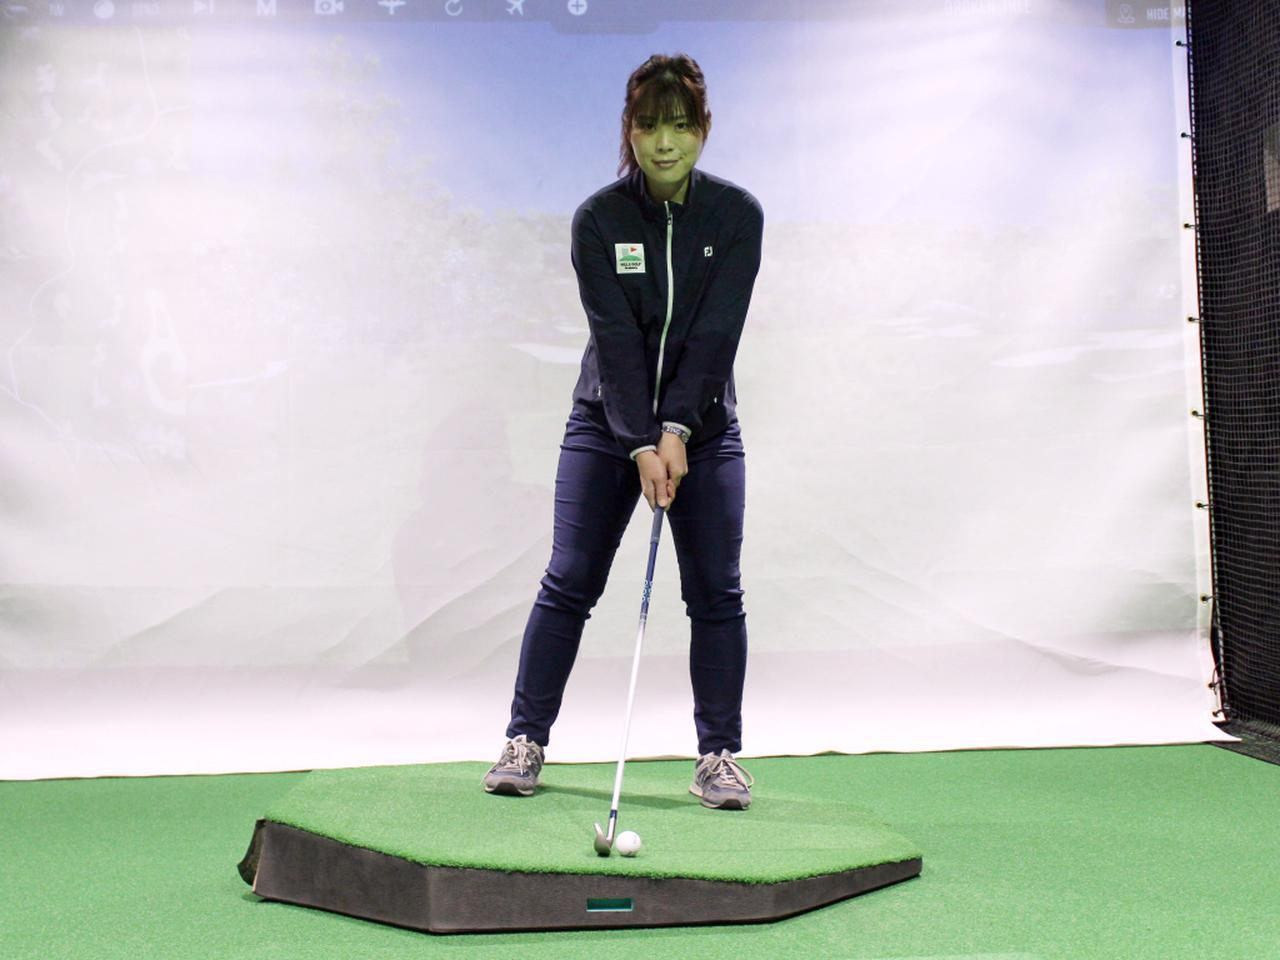 画像: 左足上がりの傾斜では、できるだけ水平面に対して垂直な姿勢でアドレスしよう。傾斜がきつい場合は右足4:左足6の体重配分で構えるのがポイントだ